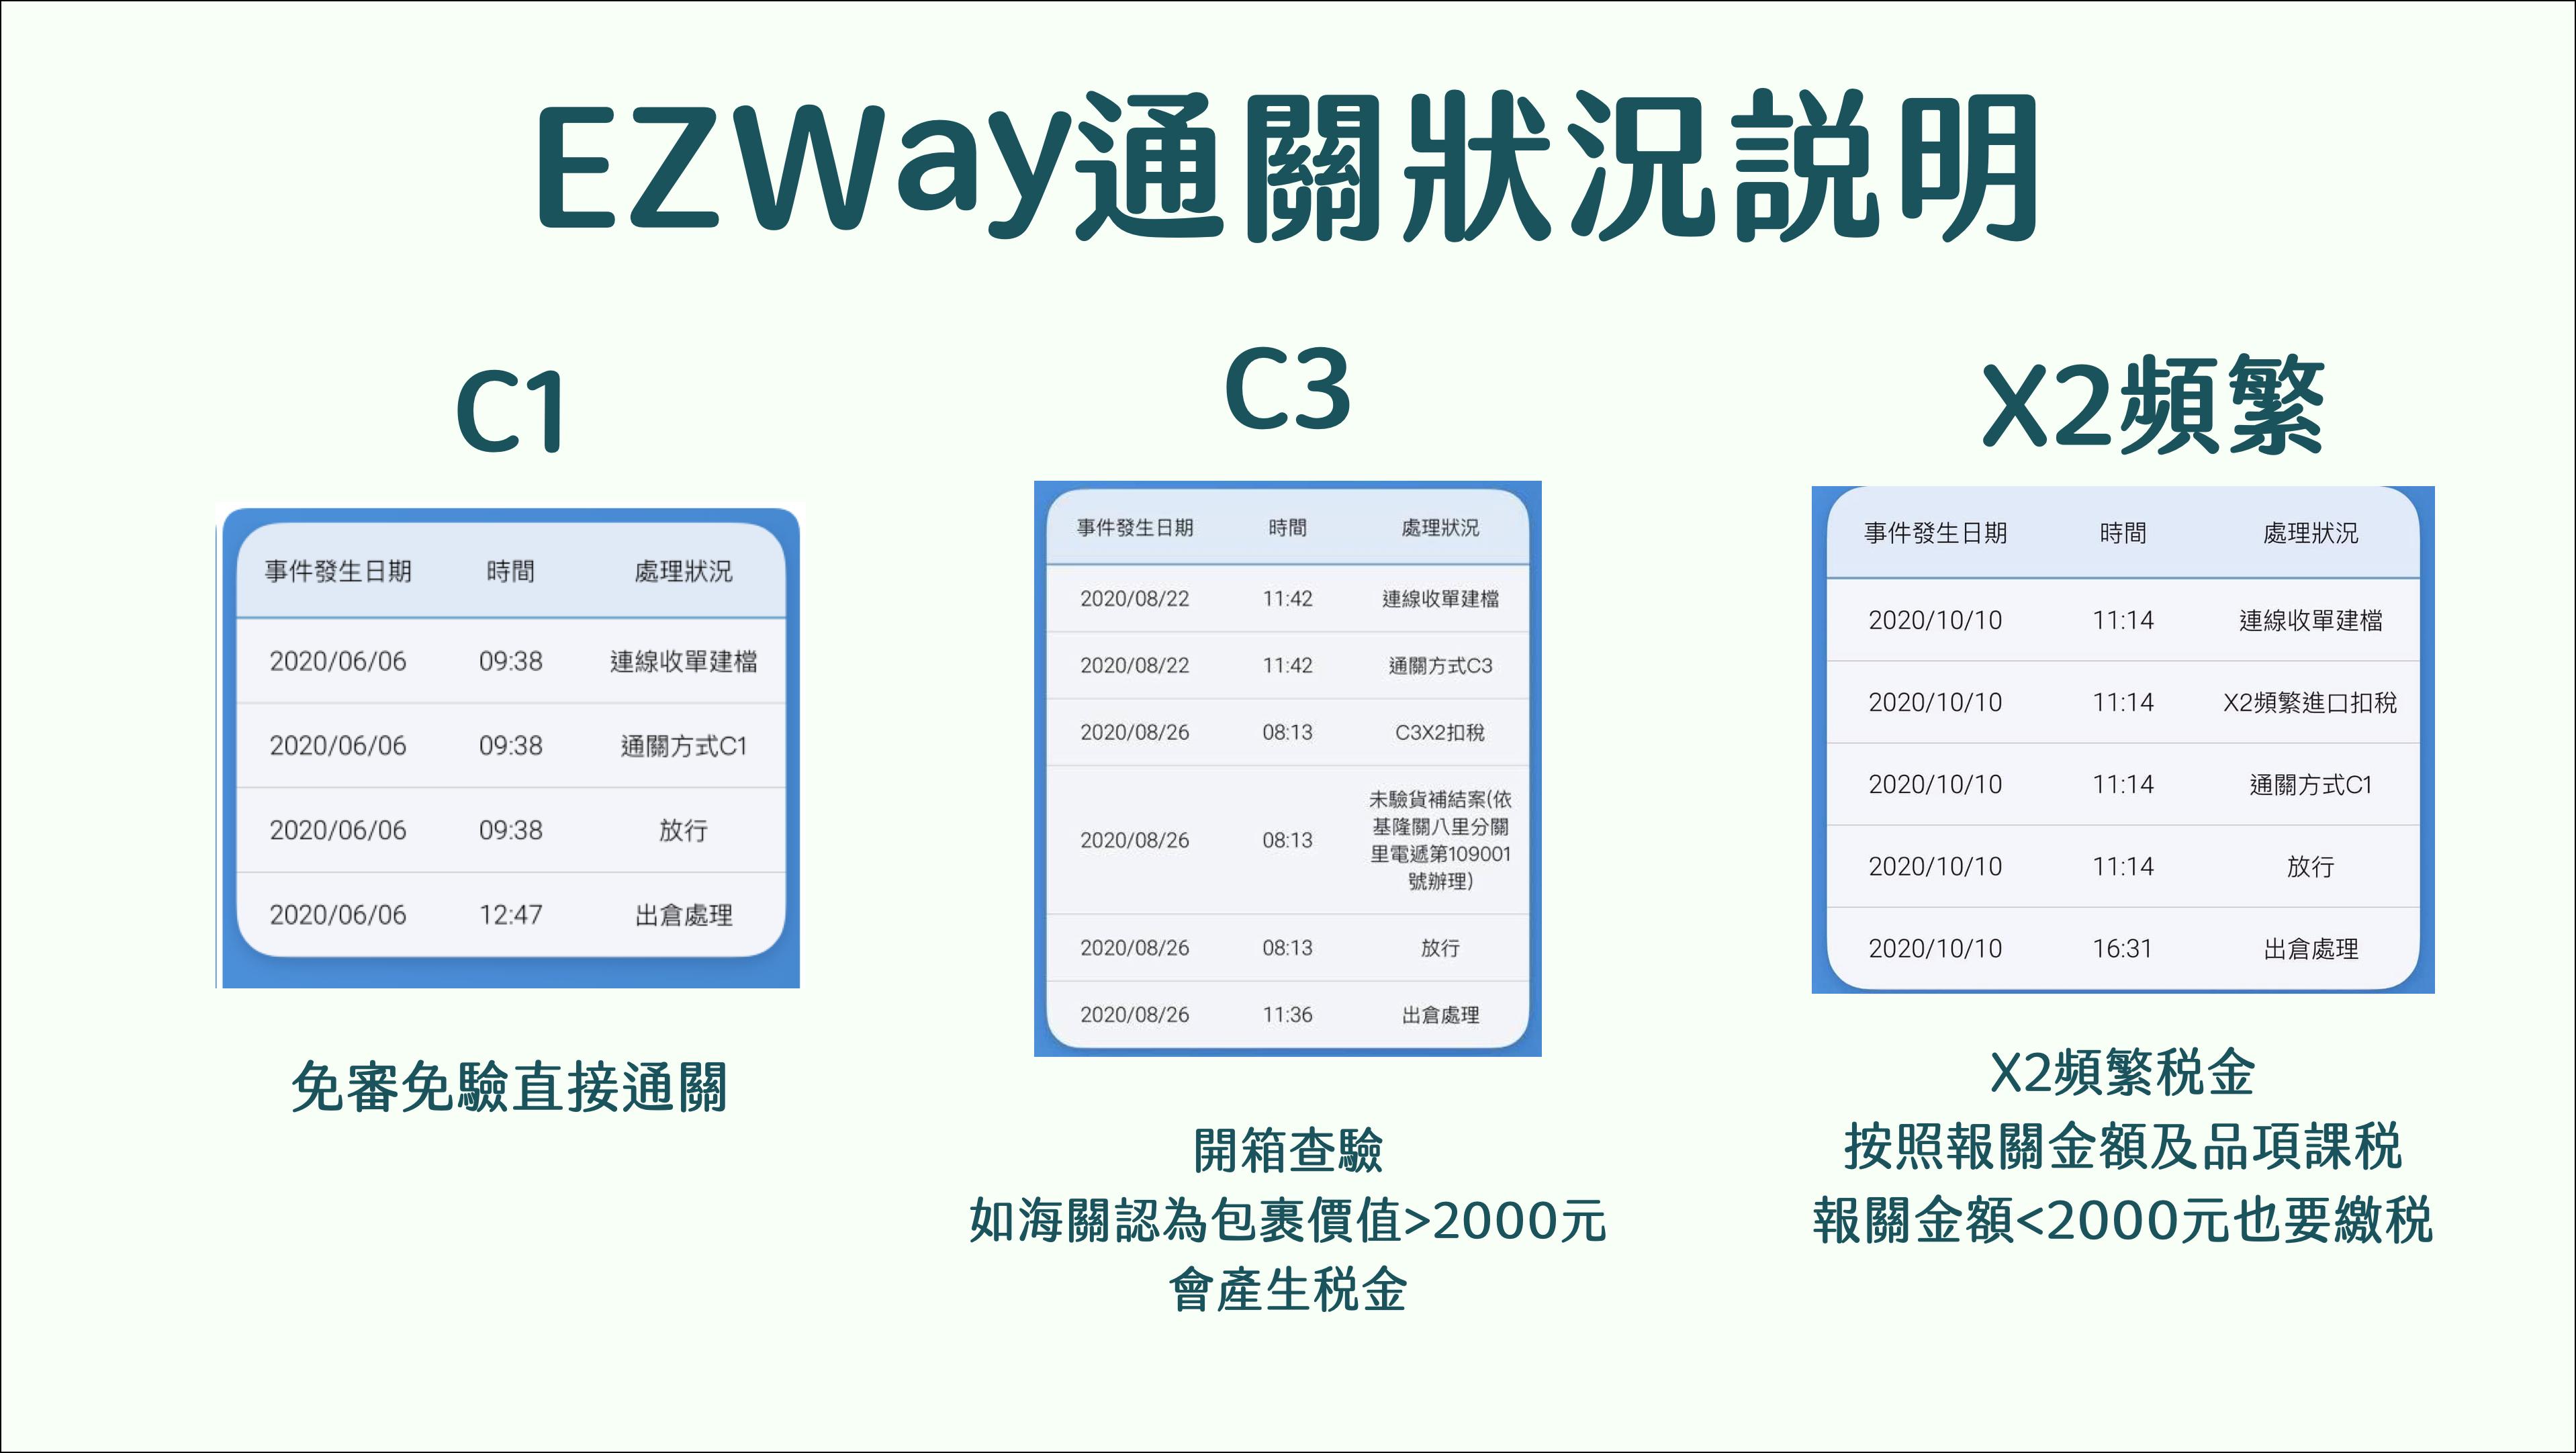 Ezway稅金 C1 C3 頻繁